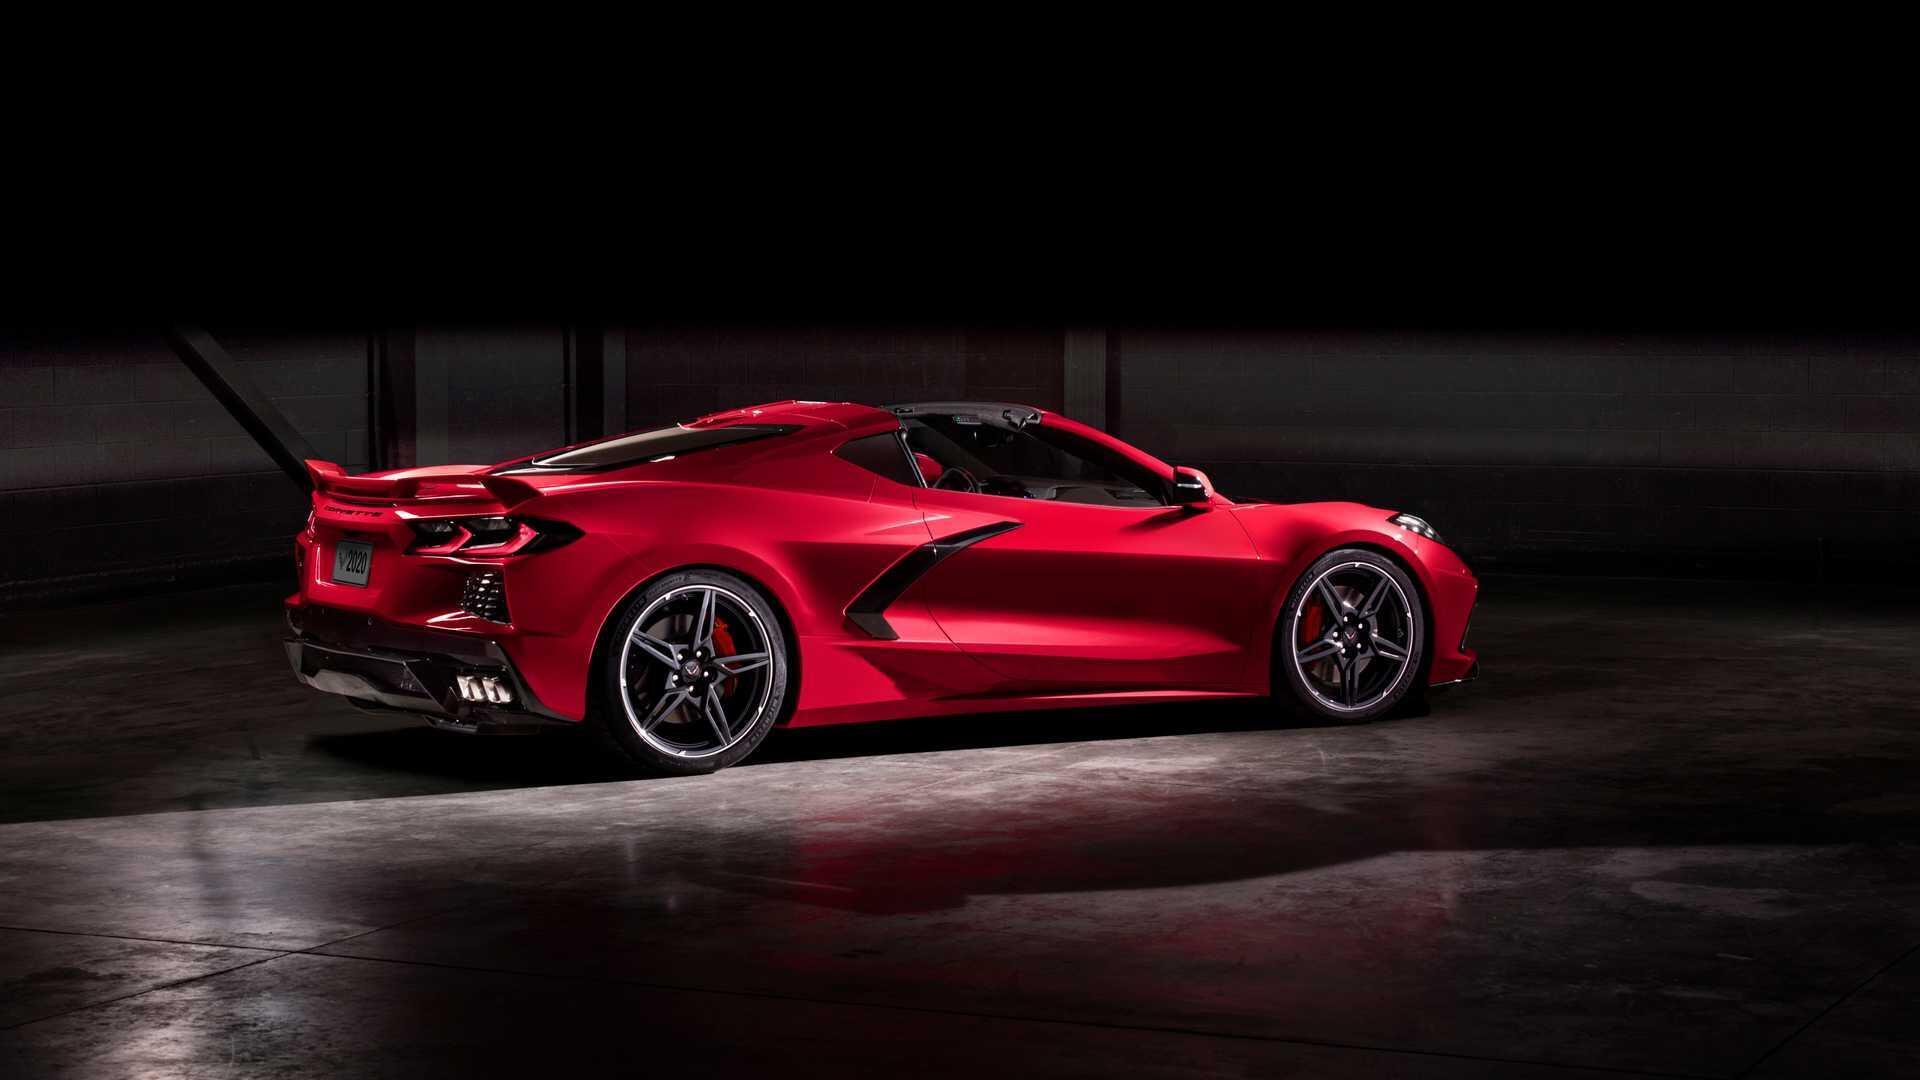 https://cdn.dailyxe.com.vn/image/chevrolet-corvette-2020-co-mot-so-tinh-nang-an-tuyet-voi-58-94554j2.jpg